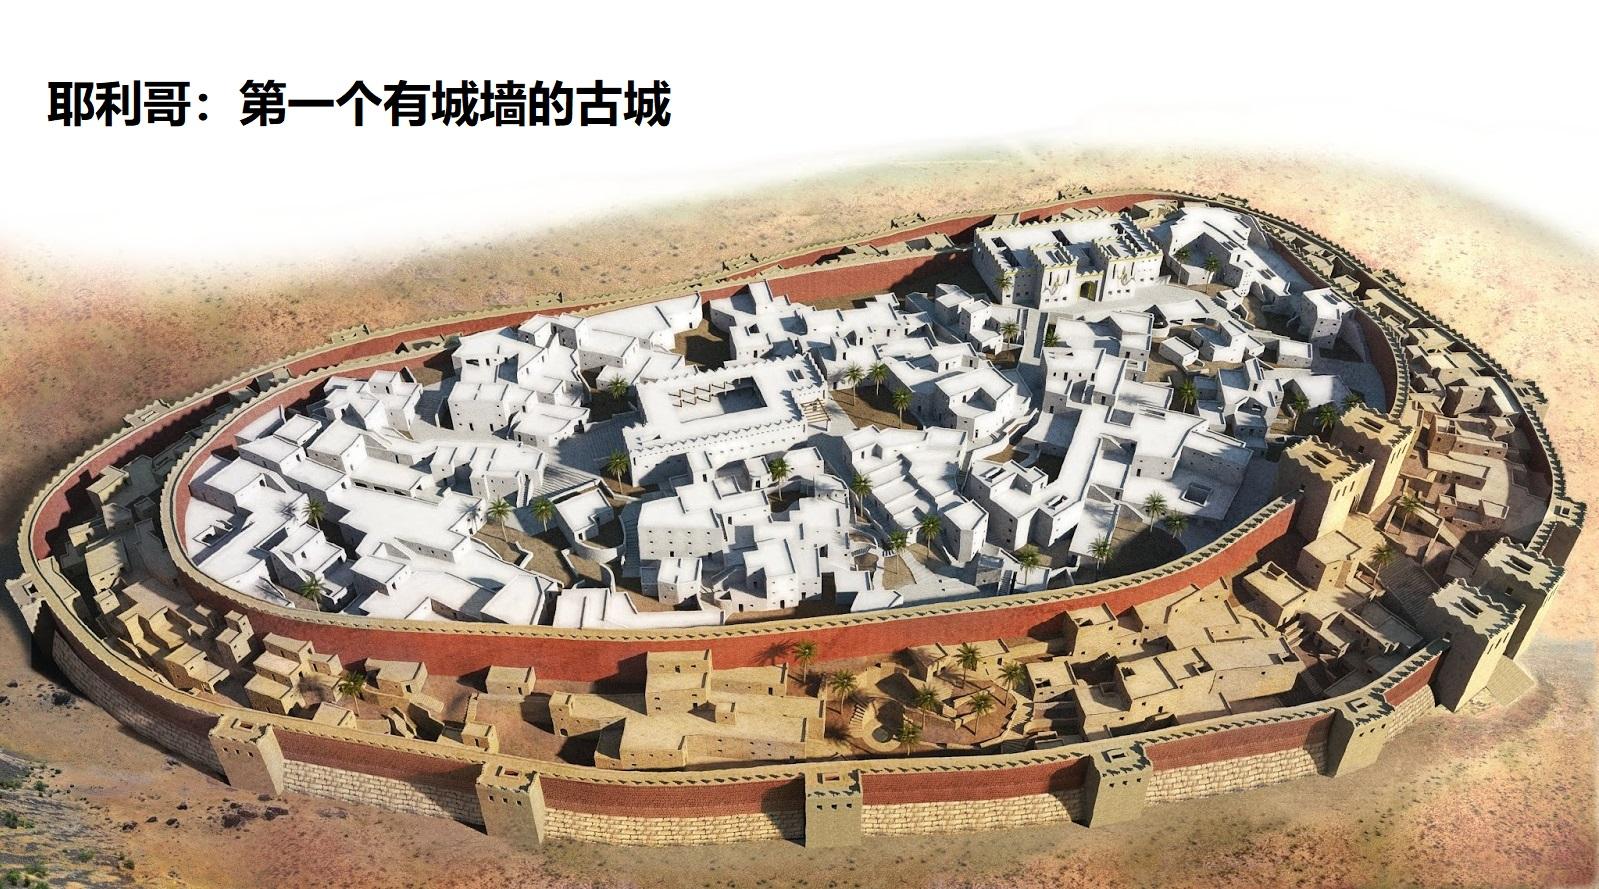 上图:耶利哥古城是世界上海拔最低的城市之一,也是最古老的城市之一,是扼守迦南中央山地入口的重要堡垒。由于附近的Ein as-Sultan泉水可供灌溉,当地的人类活动遗迹始于主前1万至9千年,被认为是世界上最古老的城镇。城墙内的区域很小,只能居住大约2000人。因为当时的城市不是为了居住,而是为了防御。大多数人住在城外,战时进城躲避。耶利哥城有内外两层城墙,两墙中间距离4-5米,有储藏区和房屋,喇合就住在这样的房子里。已发现的城墙有1.5-2米厚,3.7-5.2米高,围绕着城墙的是一圈宽8.2米、深2.7米的护城河。绕城一圈约600米。